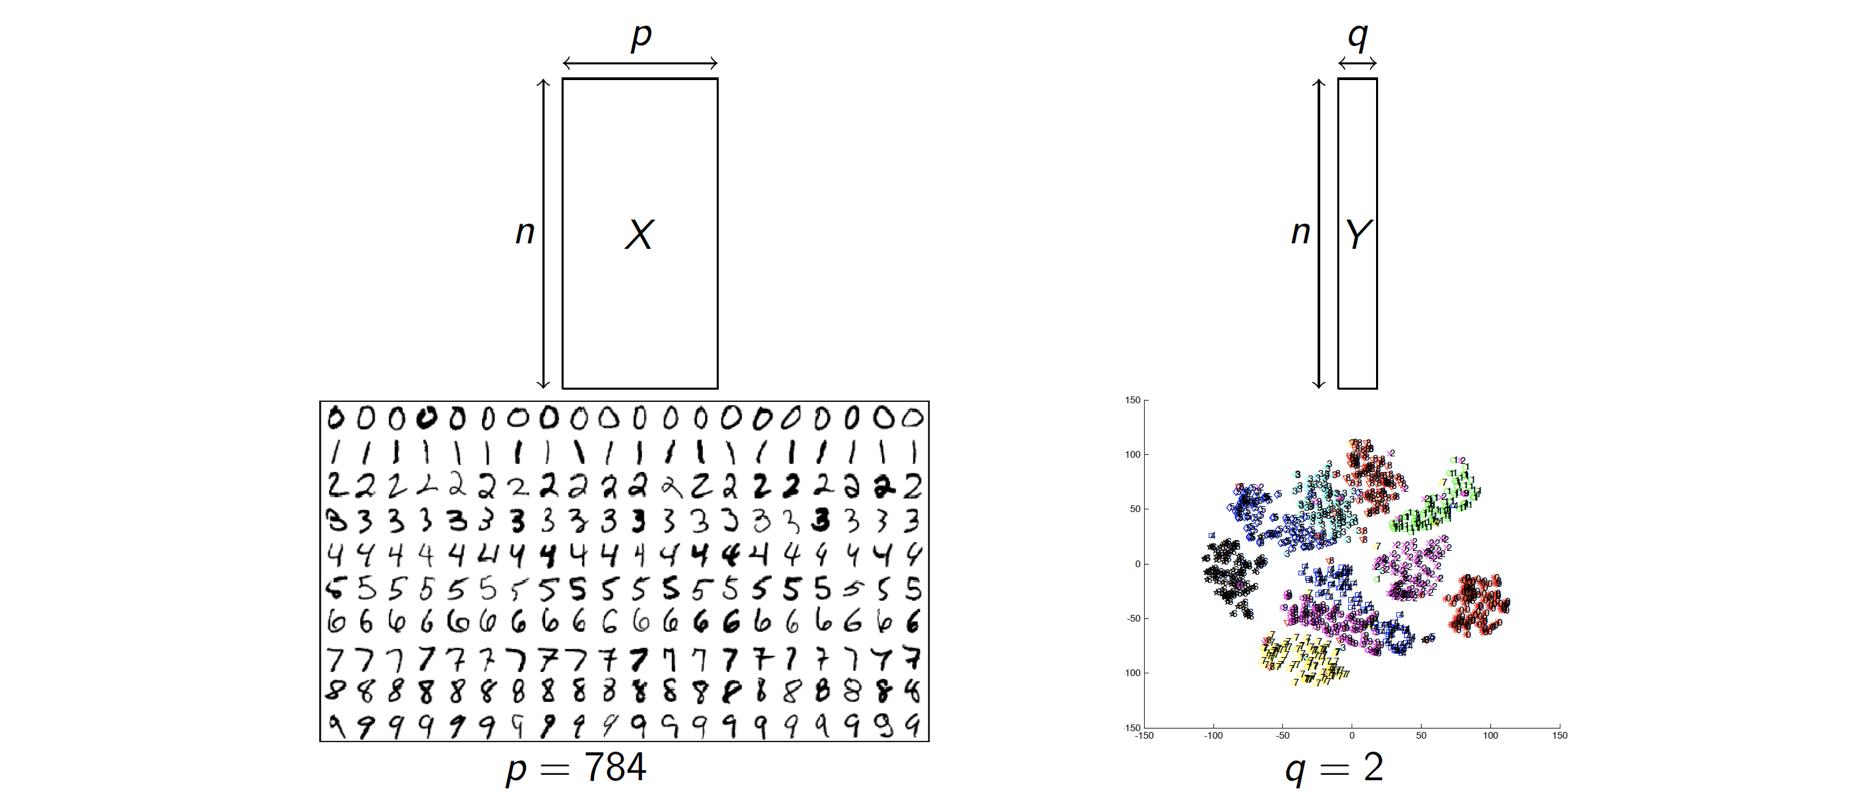 Illustration du problème de réduction de la dimesionalité. On cherche ici à représenter des image 28 x 28 (p = 784) par deux composantes (q=2).